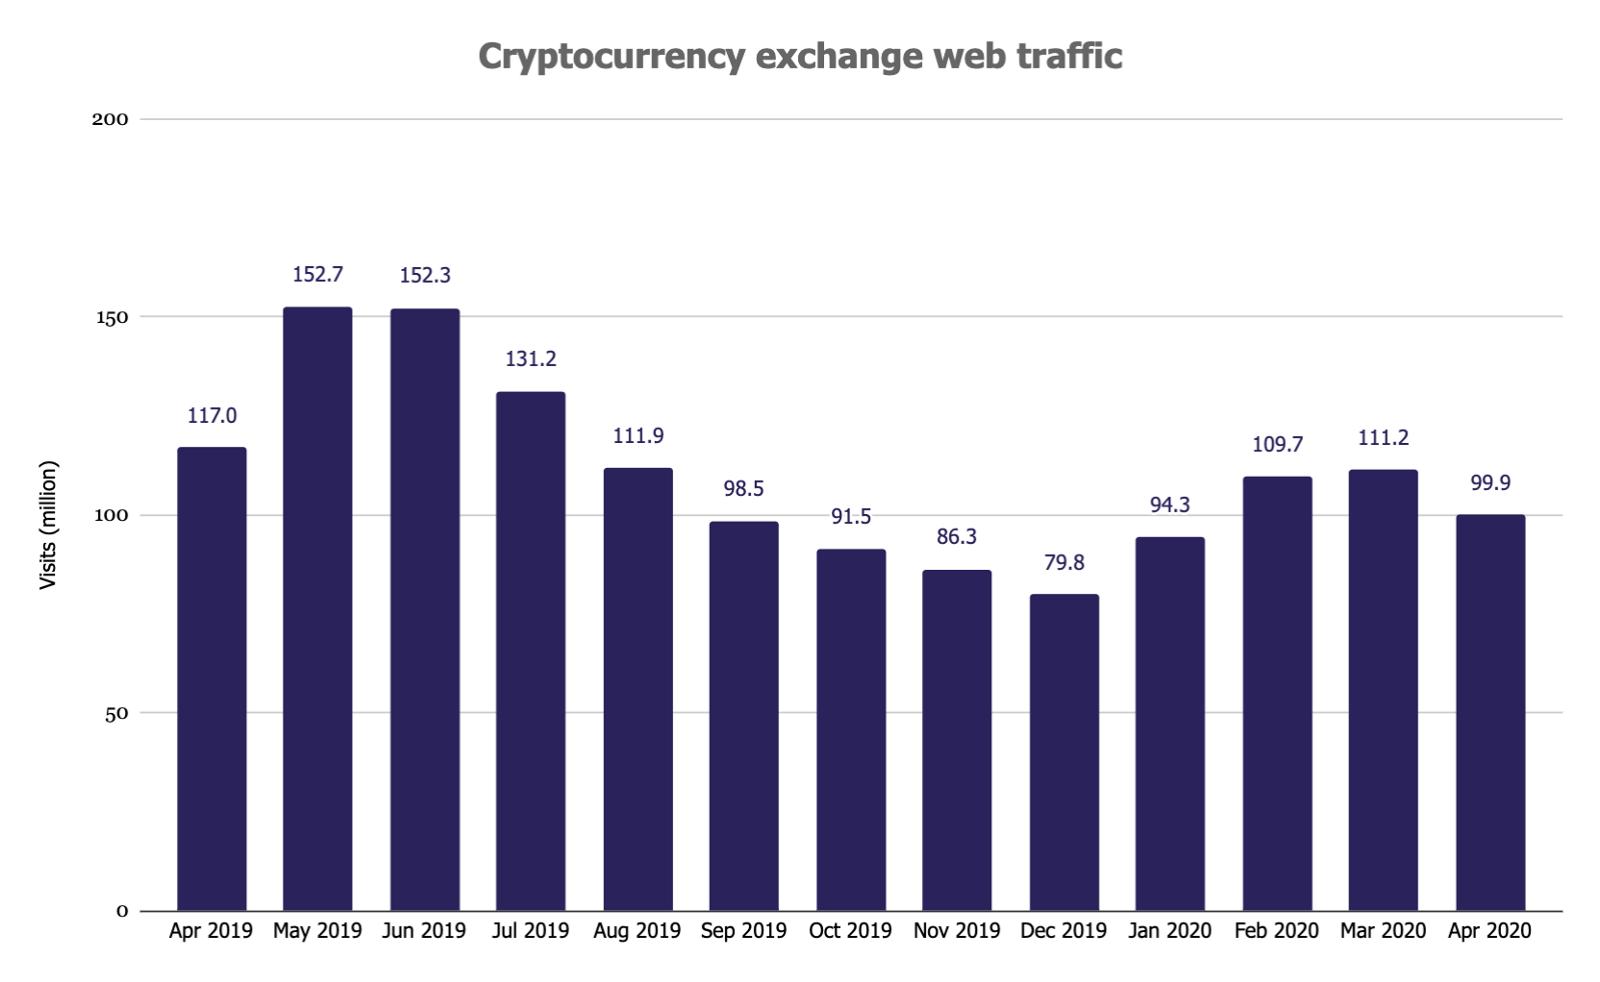 จำนวนผู้เยี่ยมชม (Web traffic) ตลาดซื้อขายคริปโตในเดือนเมษายนลดลง เมื่อเทียบกับเดือนมีนาคม